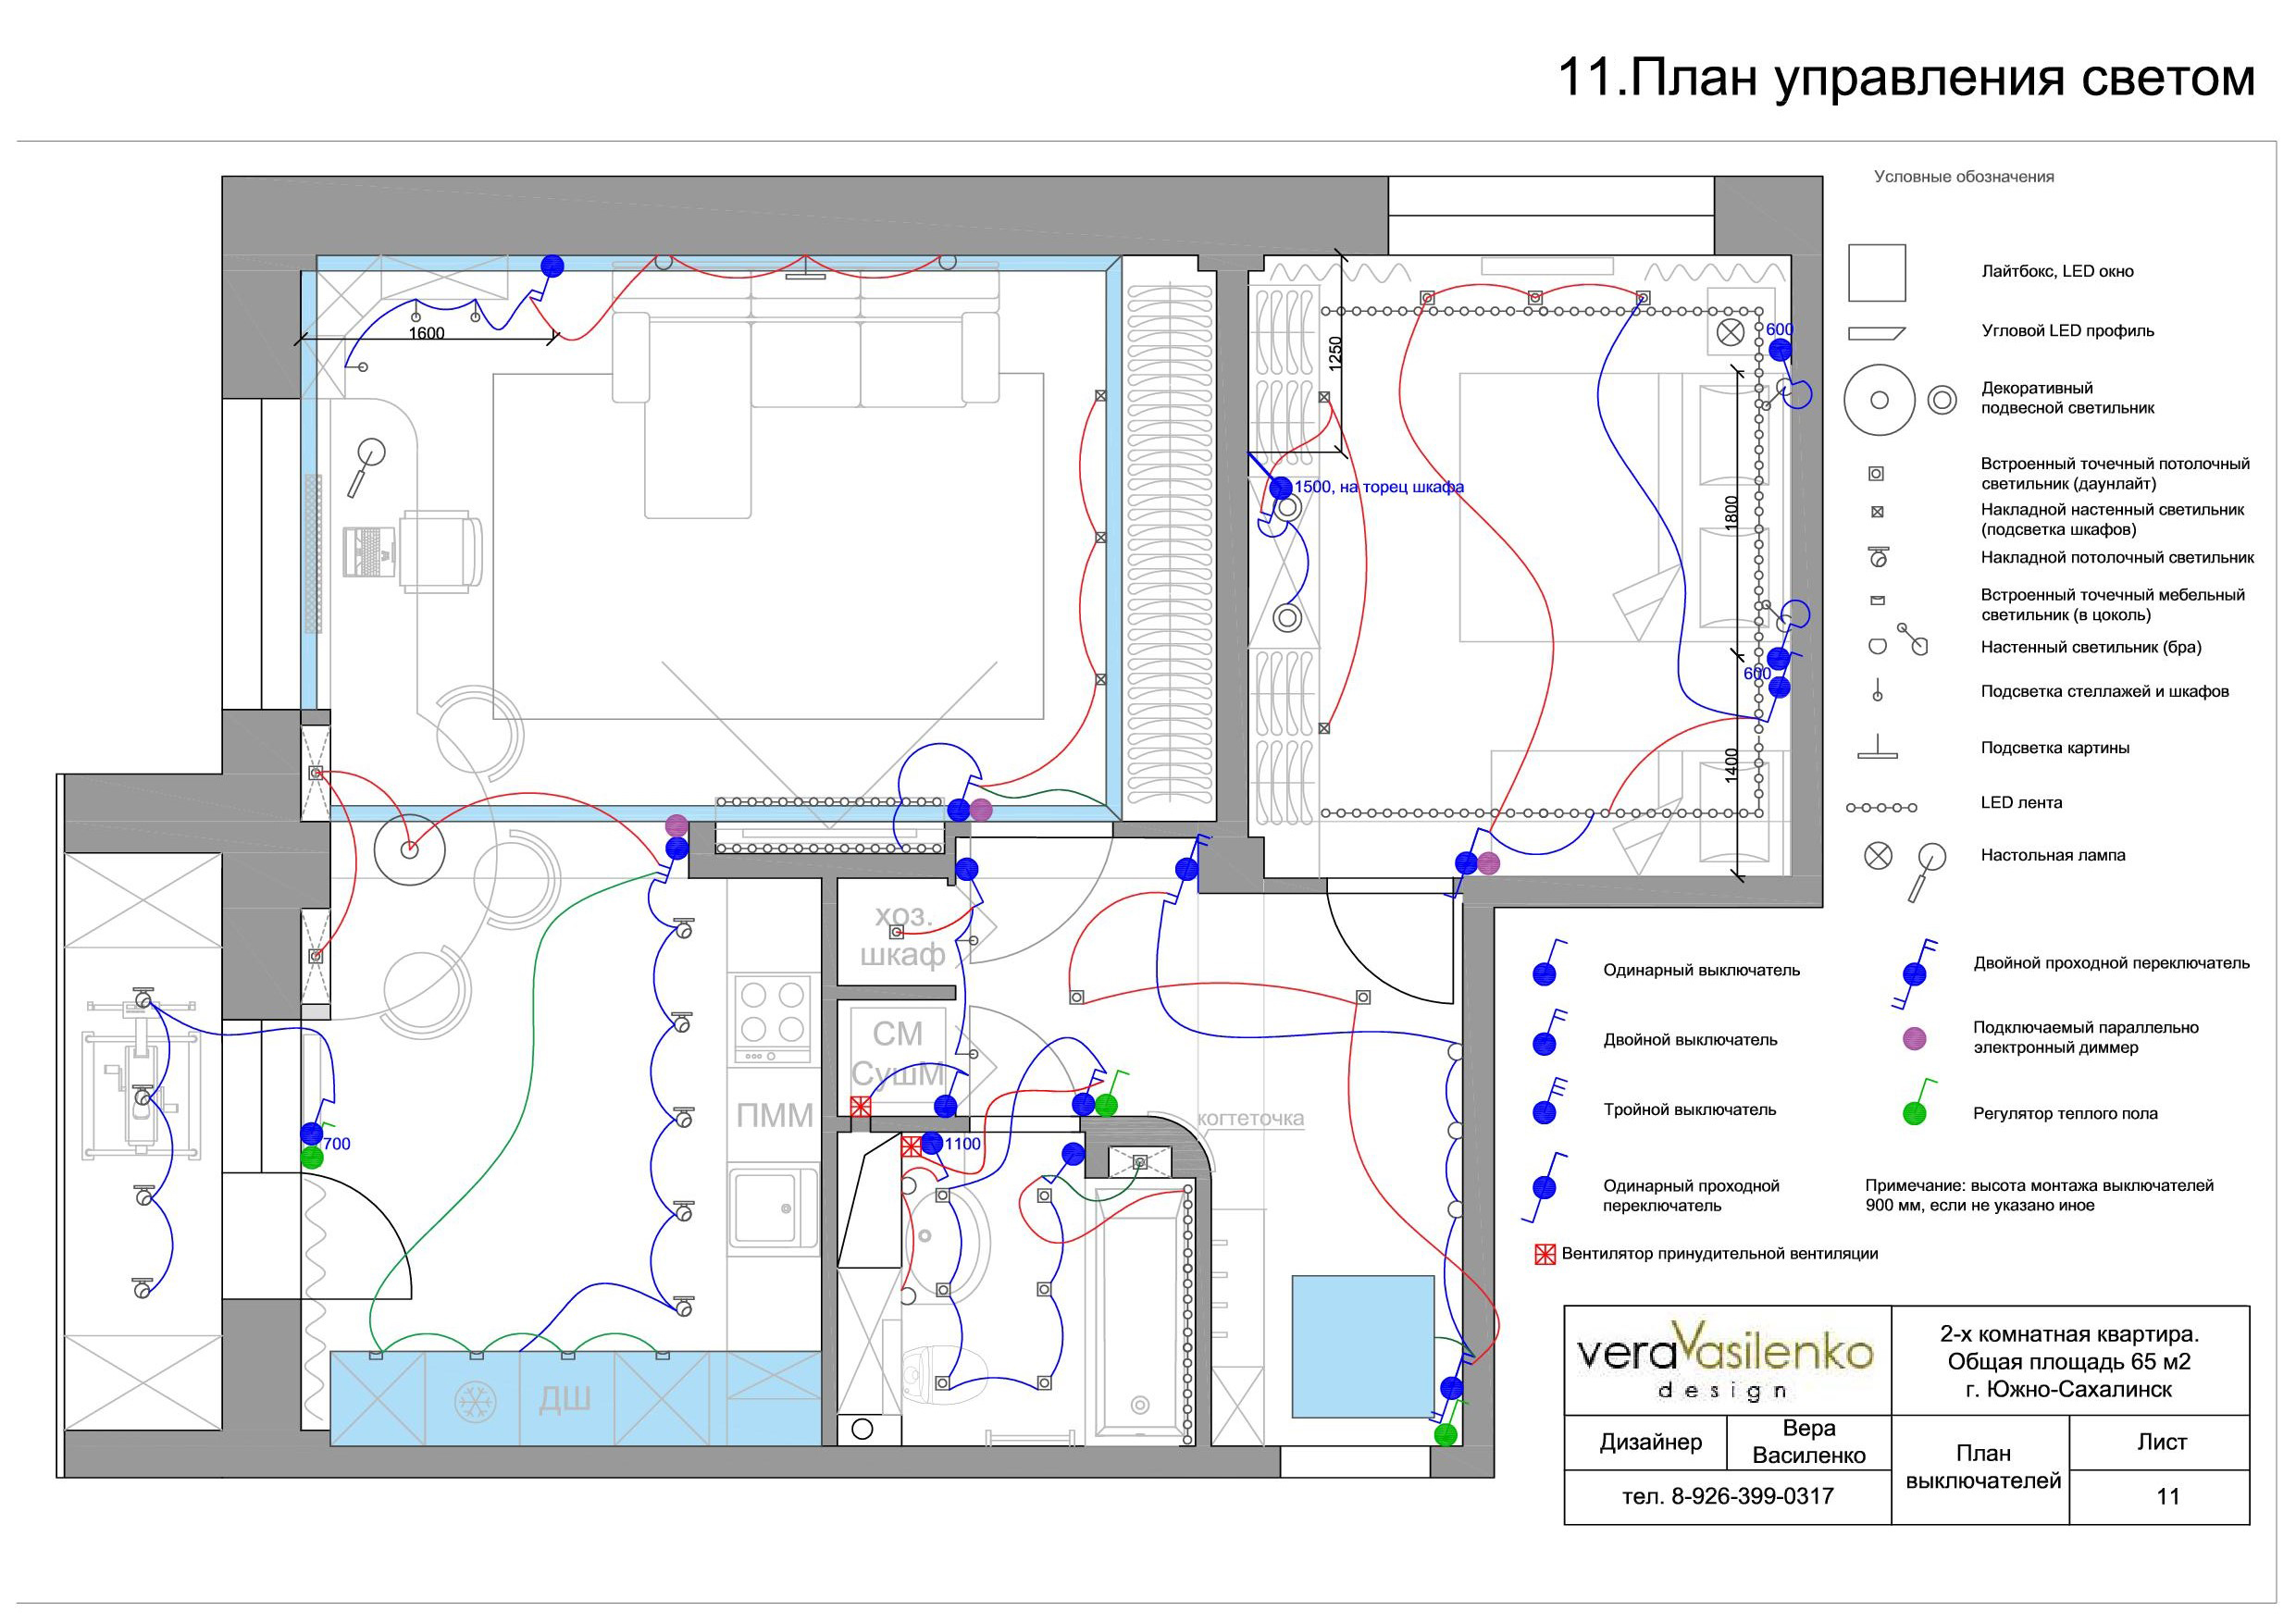 11. План выключателей